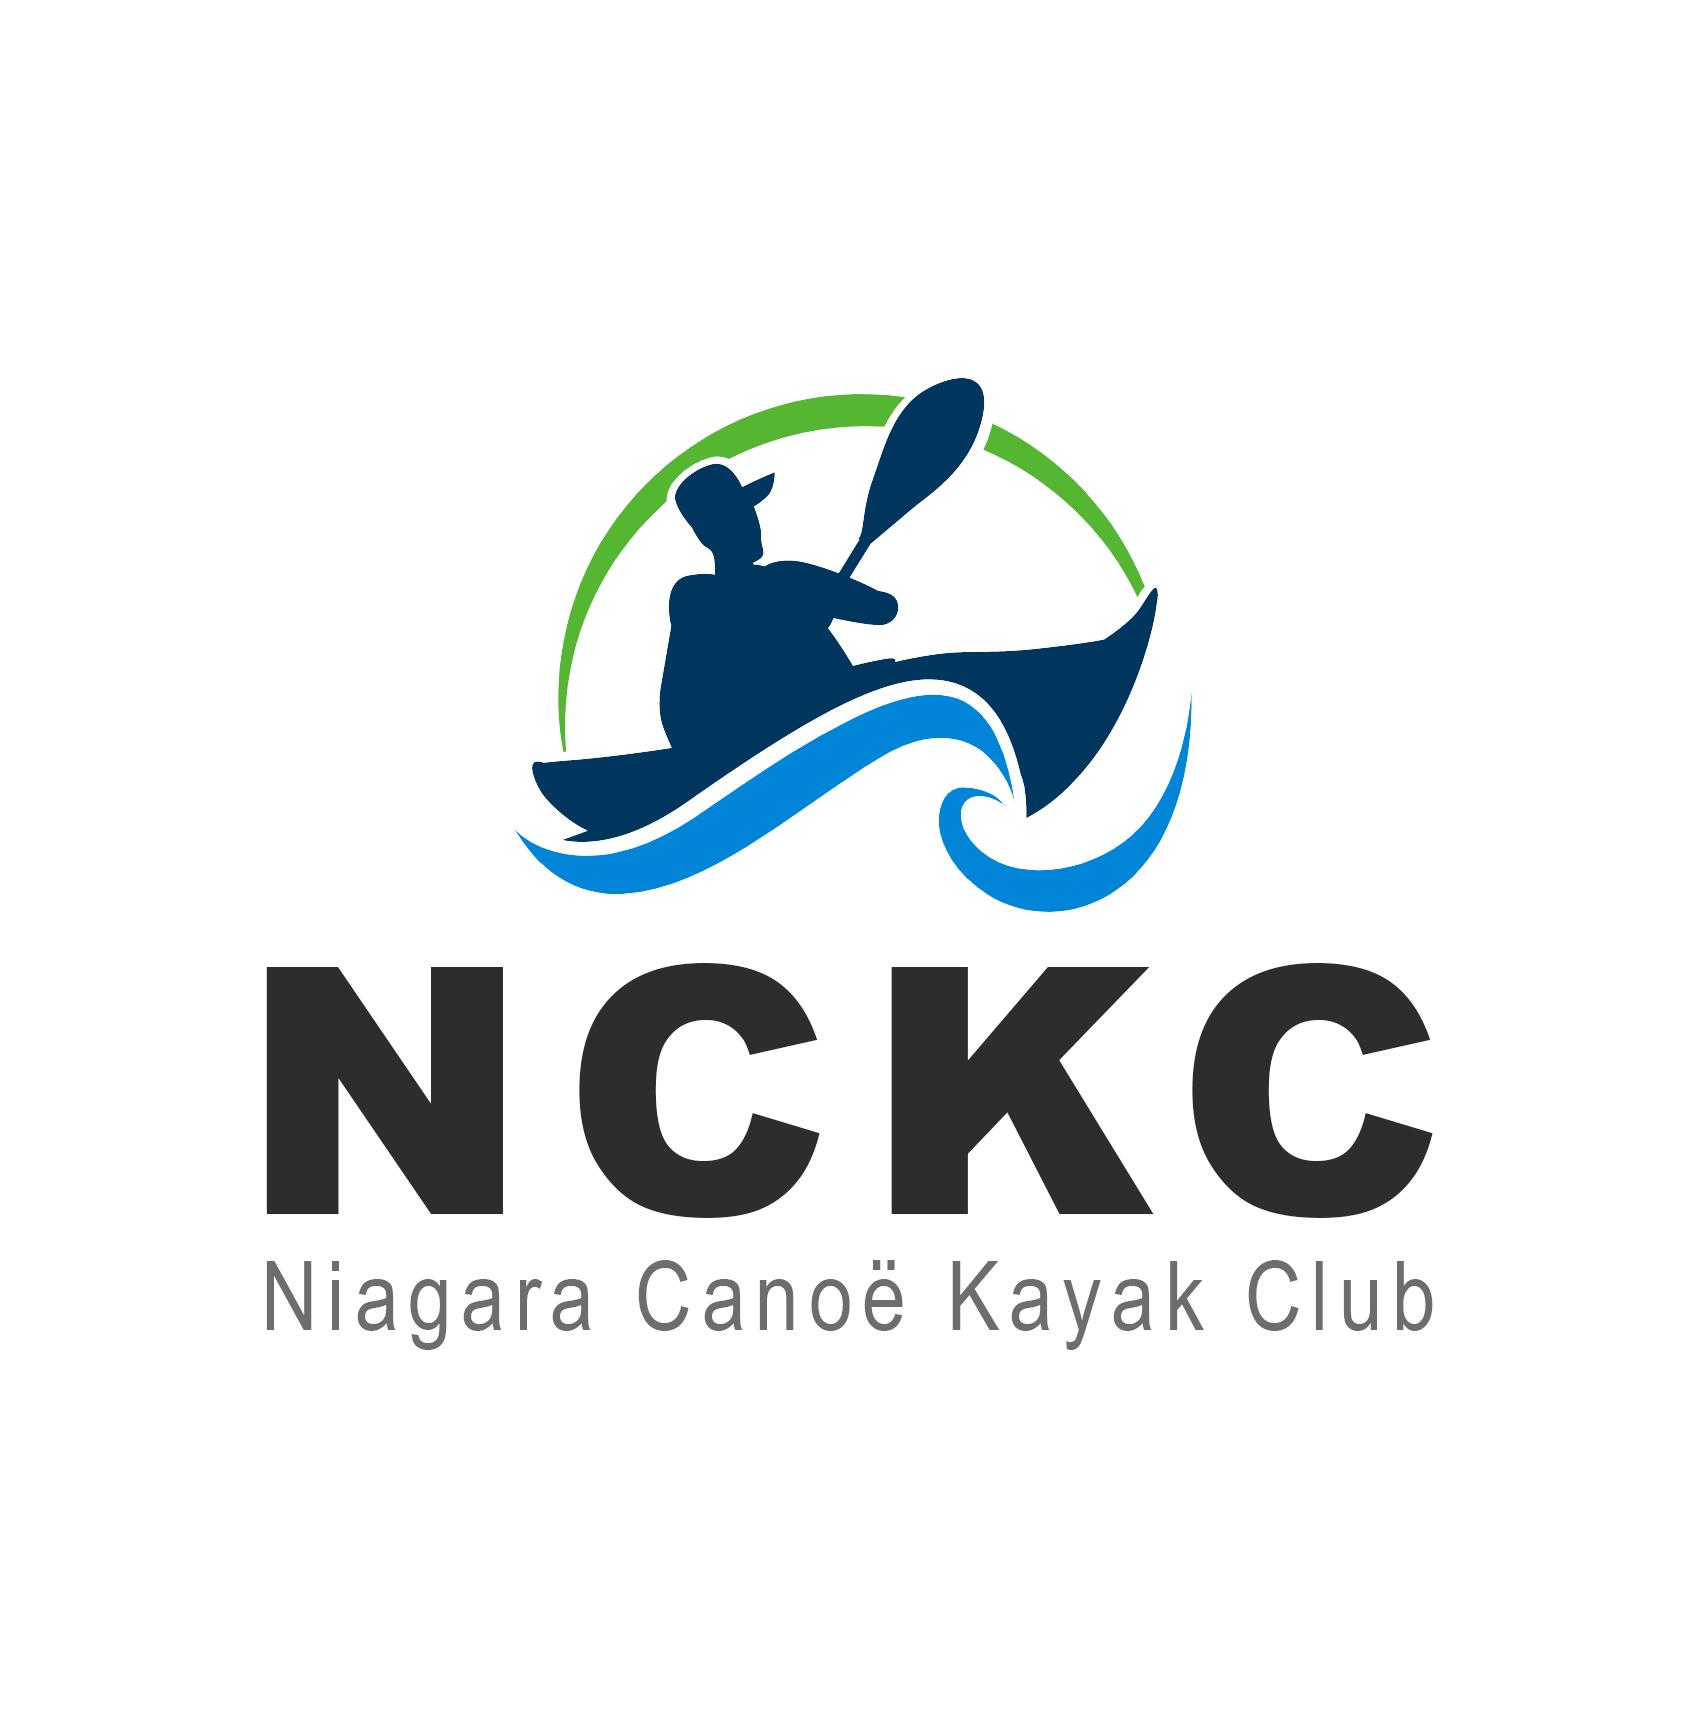 logo-NCKC-2020-2